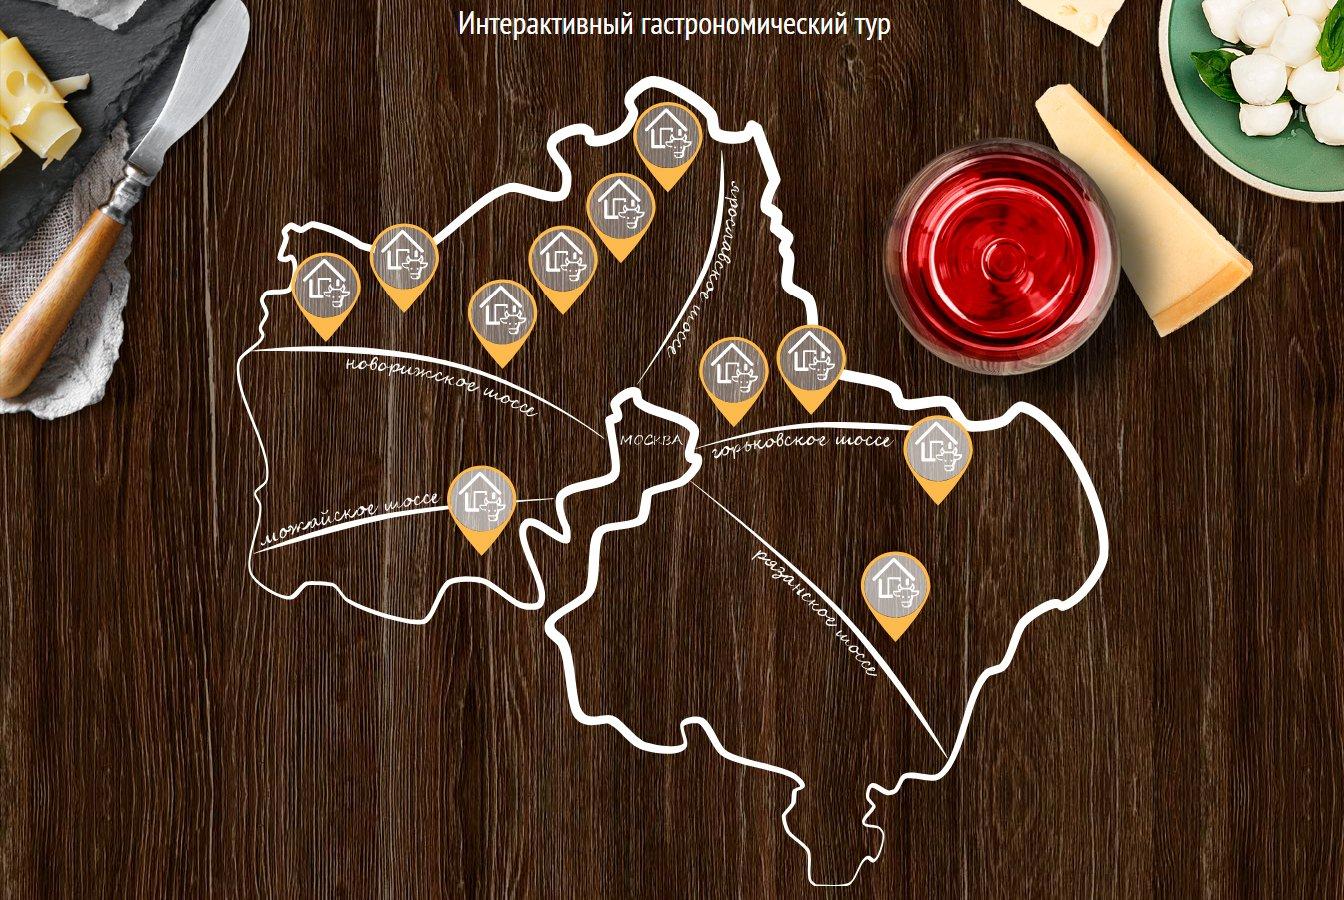 Андрей Воробьев губернатор московской области - «Сырная карта» Подмосковья и поддержка отрасли в регионе